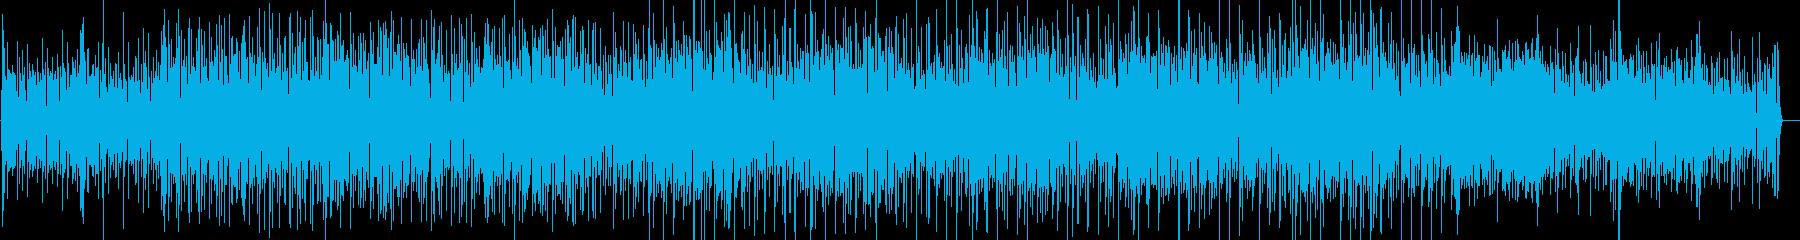 ピアノ、シンセ、疾走感のあるインスト曲の再生済みの波形